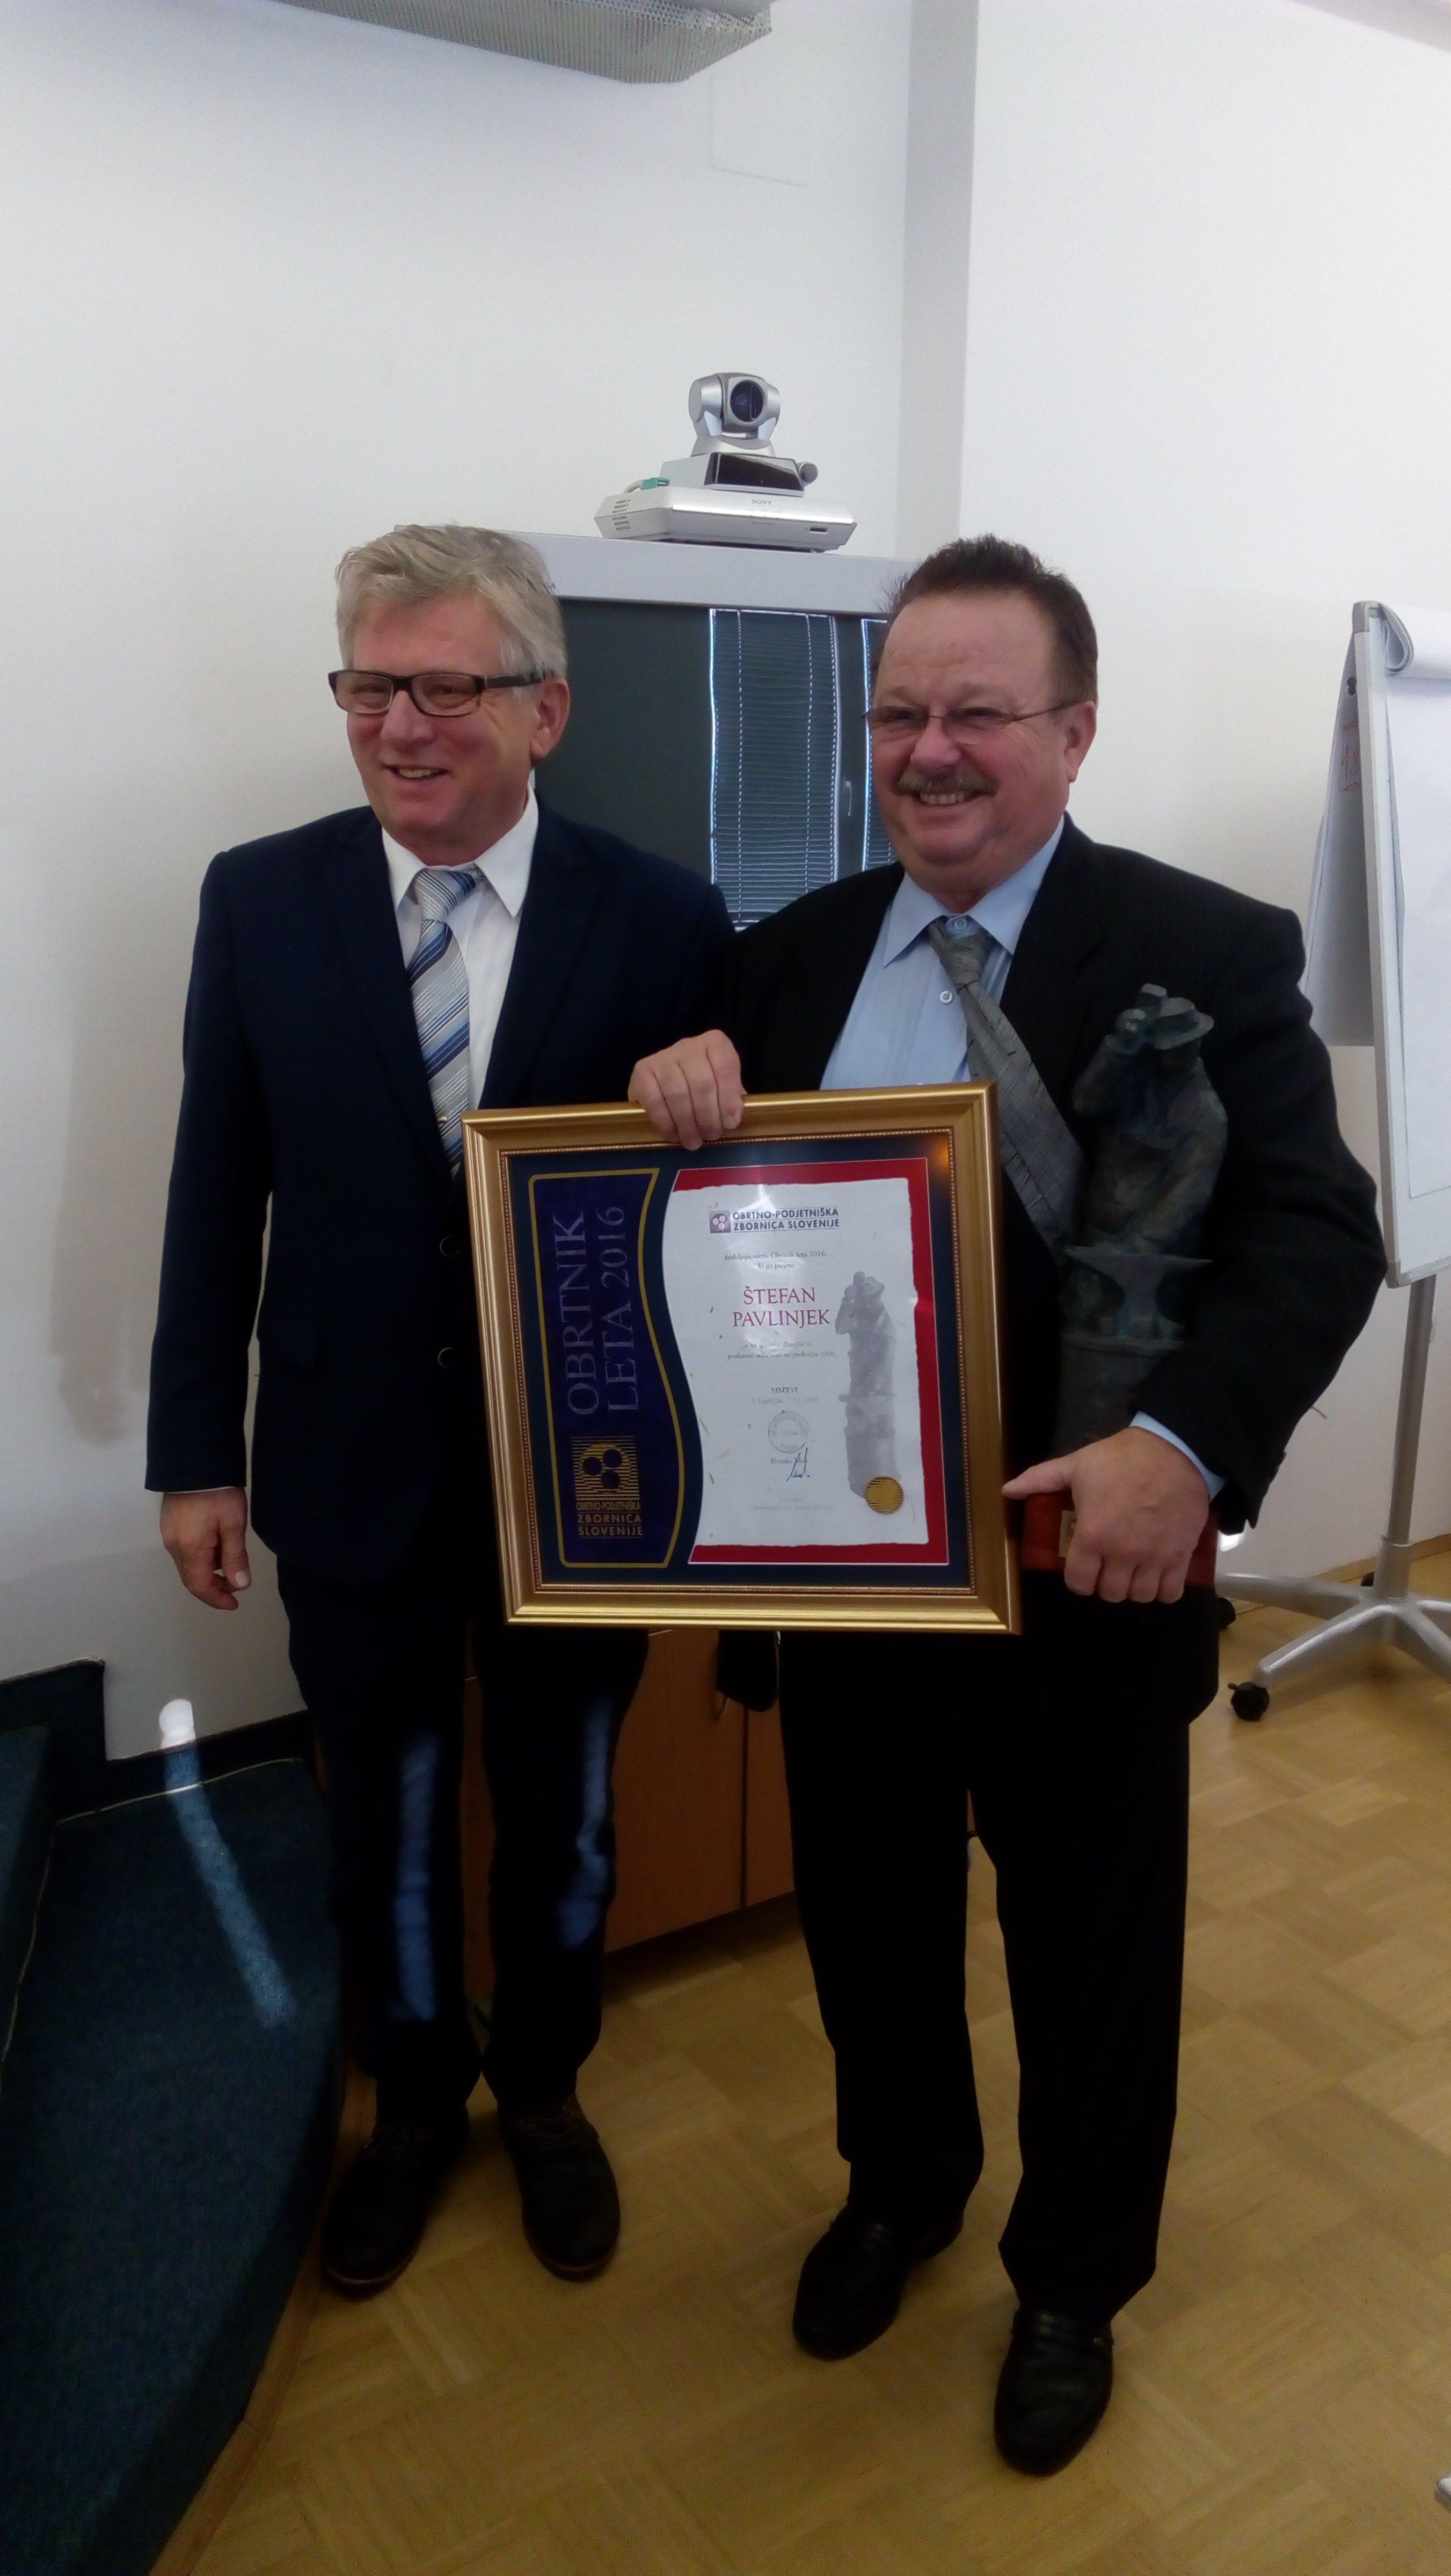 Štefanu Pavlinjeku, Obrtniku leta 2016, so pripravili sprejem na OOZ Murska Sobota